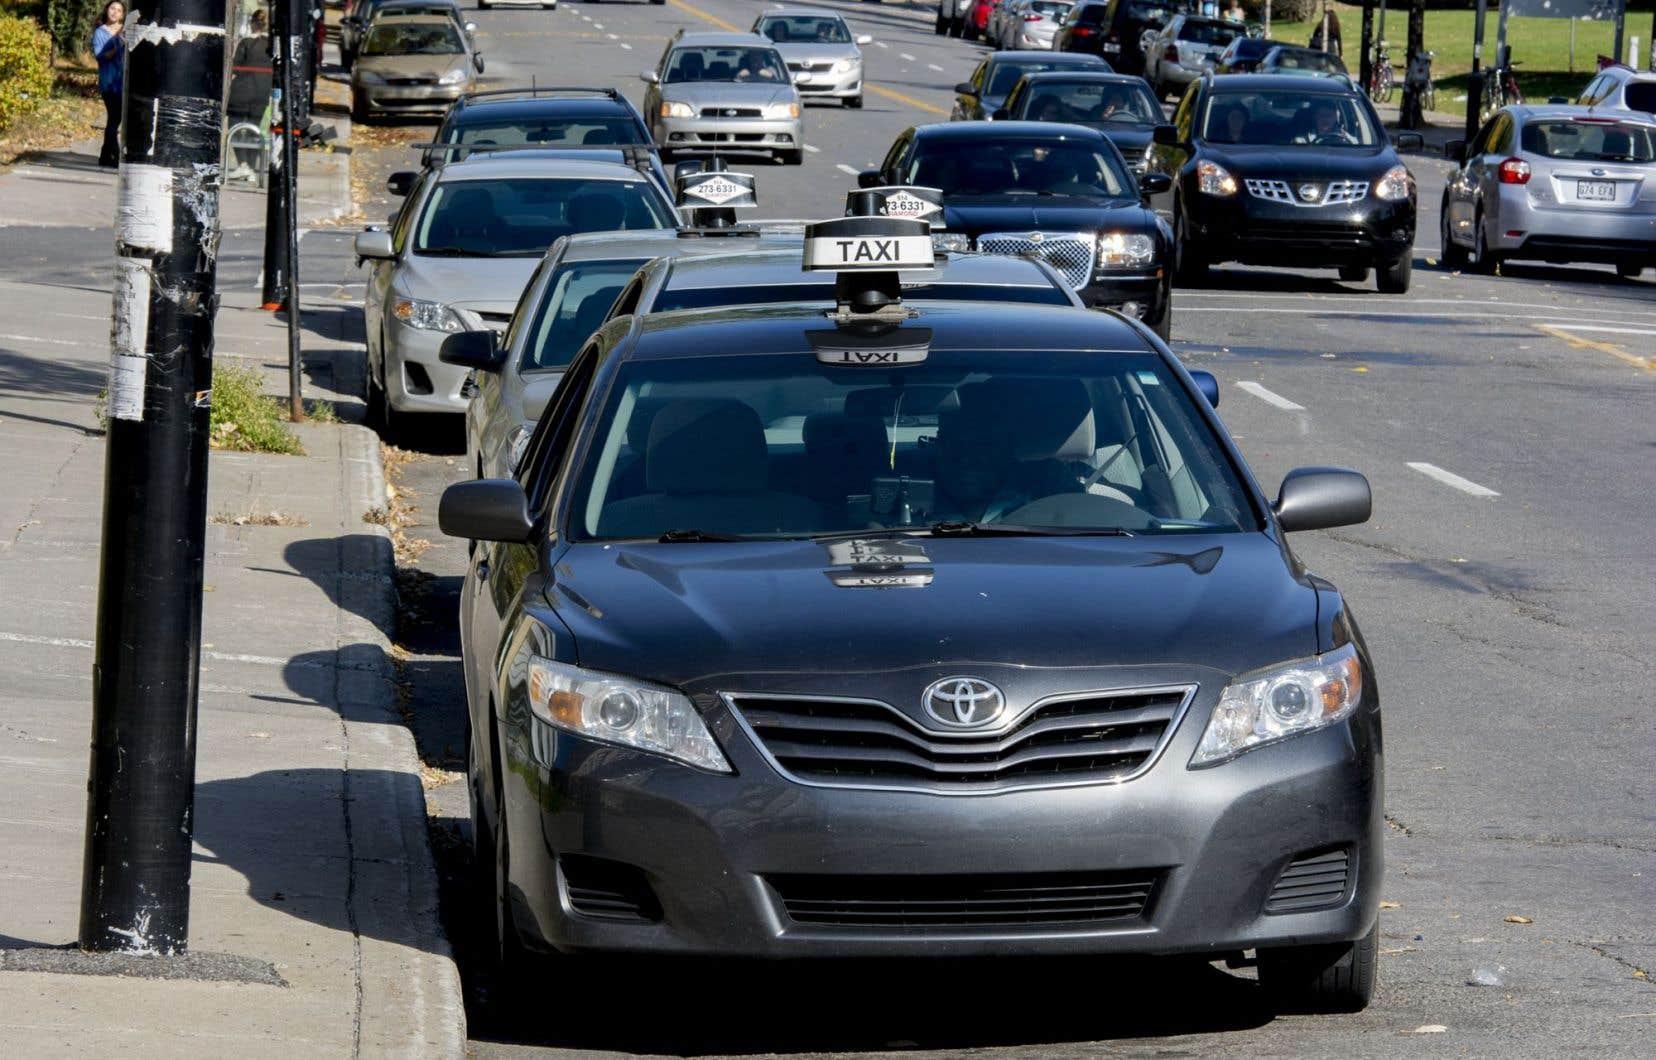 Selon le professeur Pierre-Olivier Pineau, il aurait mieux valu alléger les frais et la bureaucratie imposés à l'industrie du taxi, plutôt que de contraindre Uber à des règles désuètes.